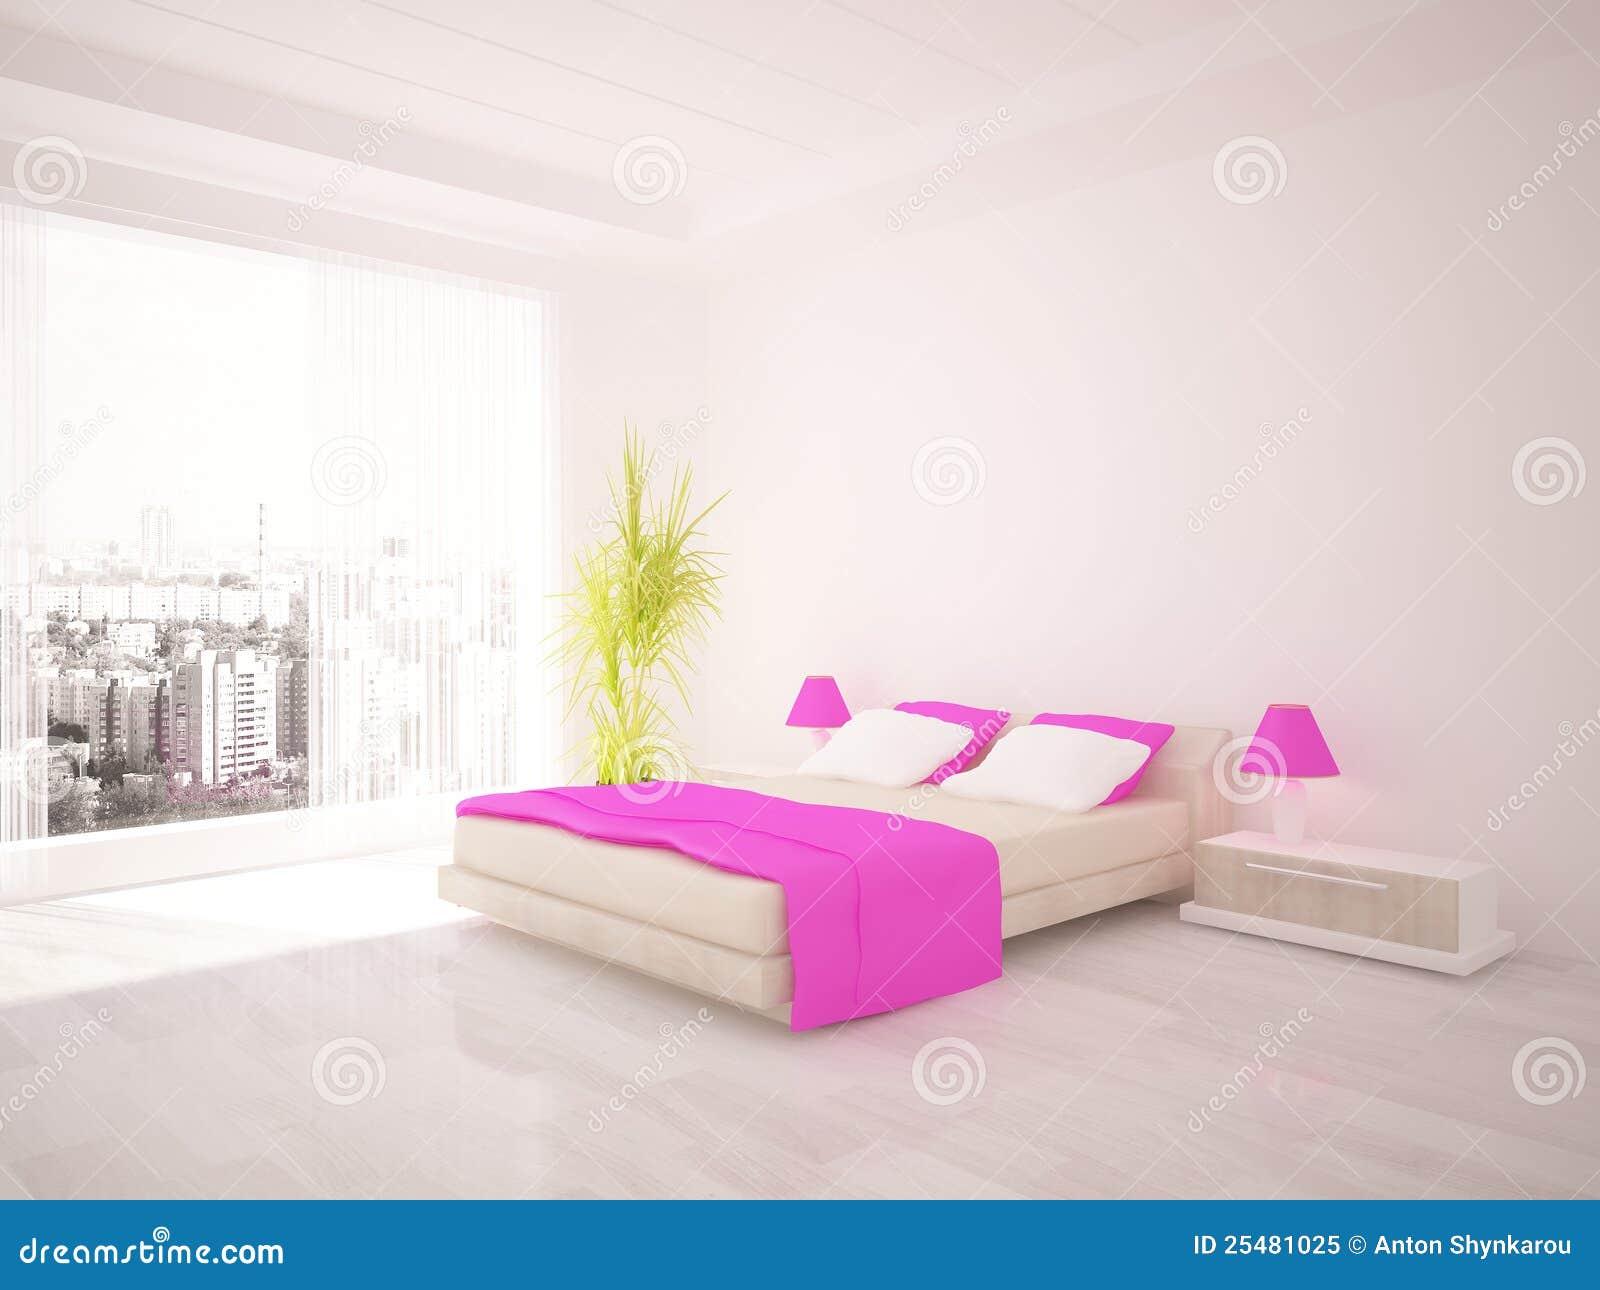 Conception int rieure de chambre coucher blanche photo libre de droits image 25481025 for Conception chambre